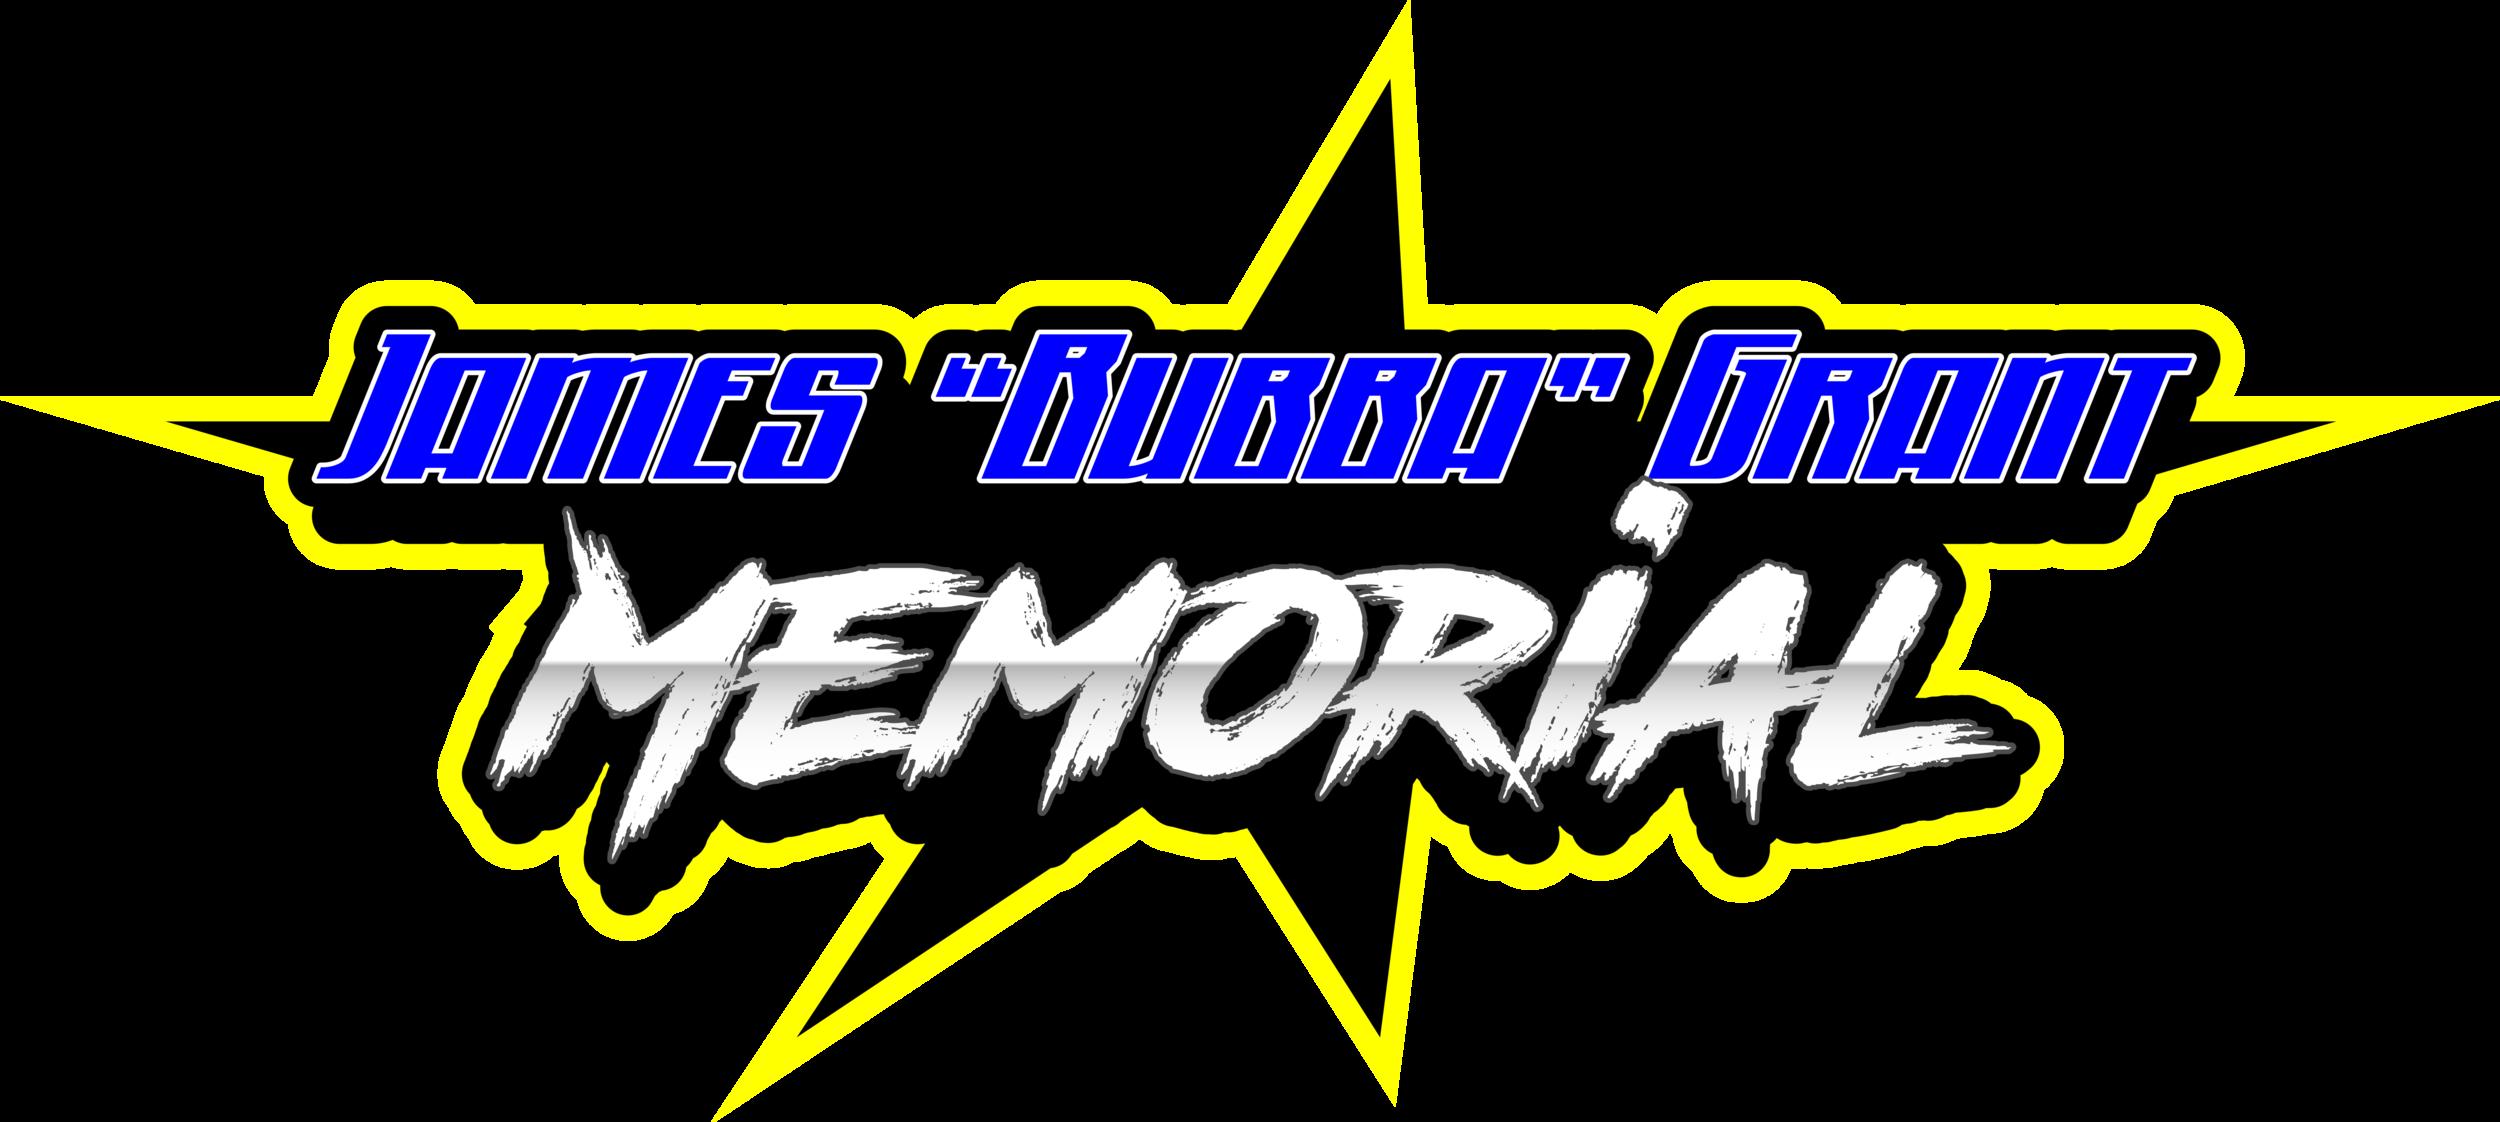 MSSC Logo James Bubba Grant Memorial.png